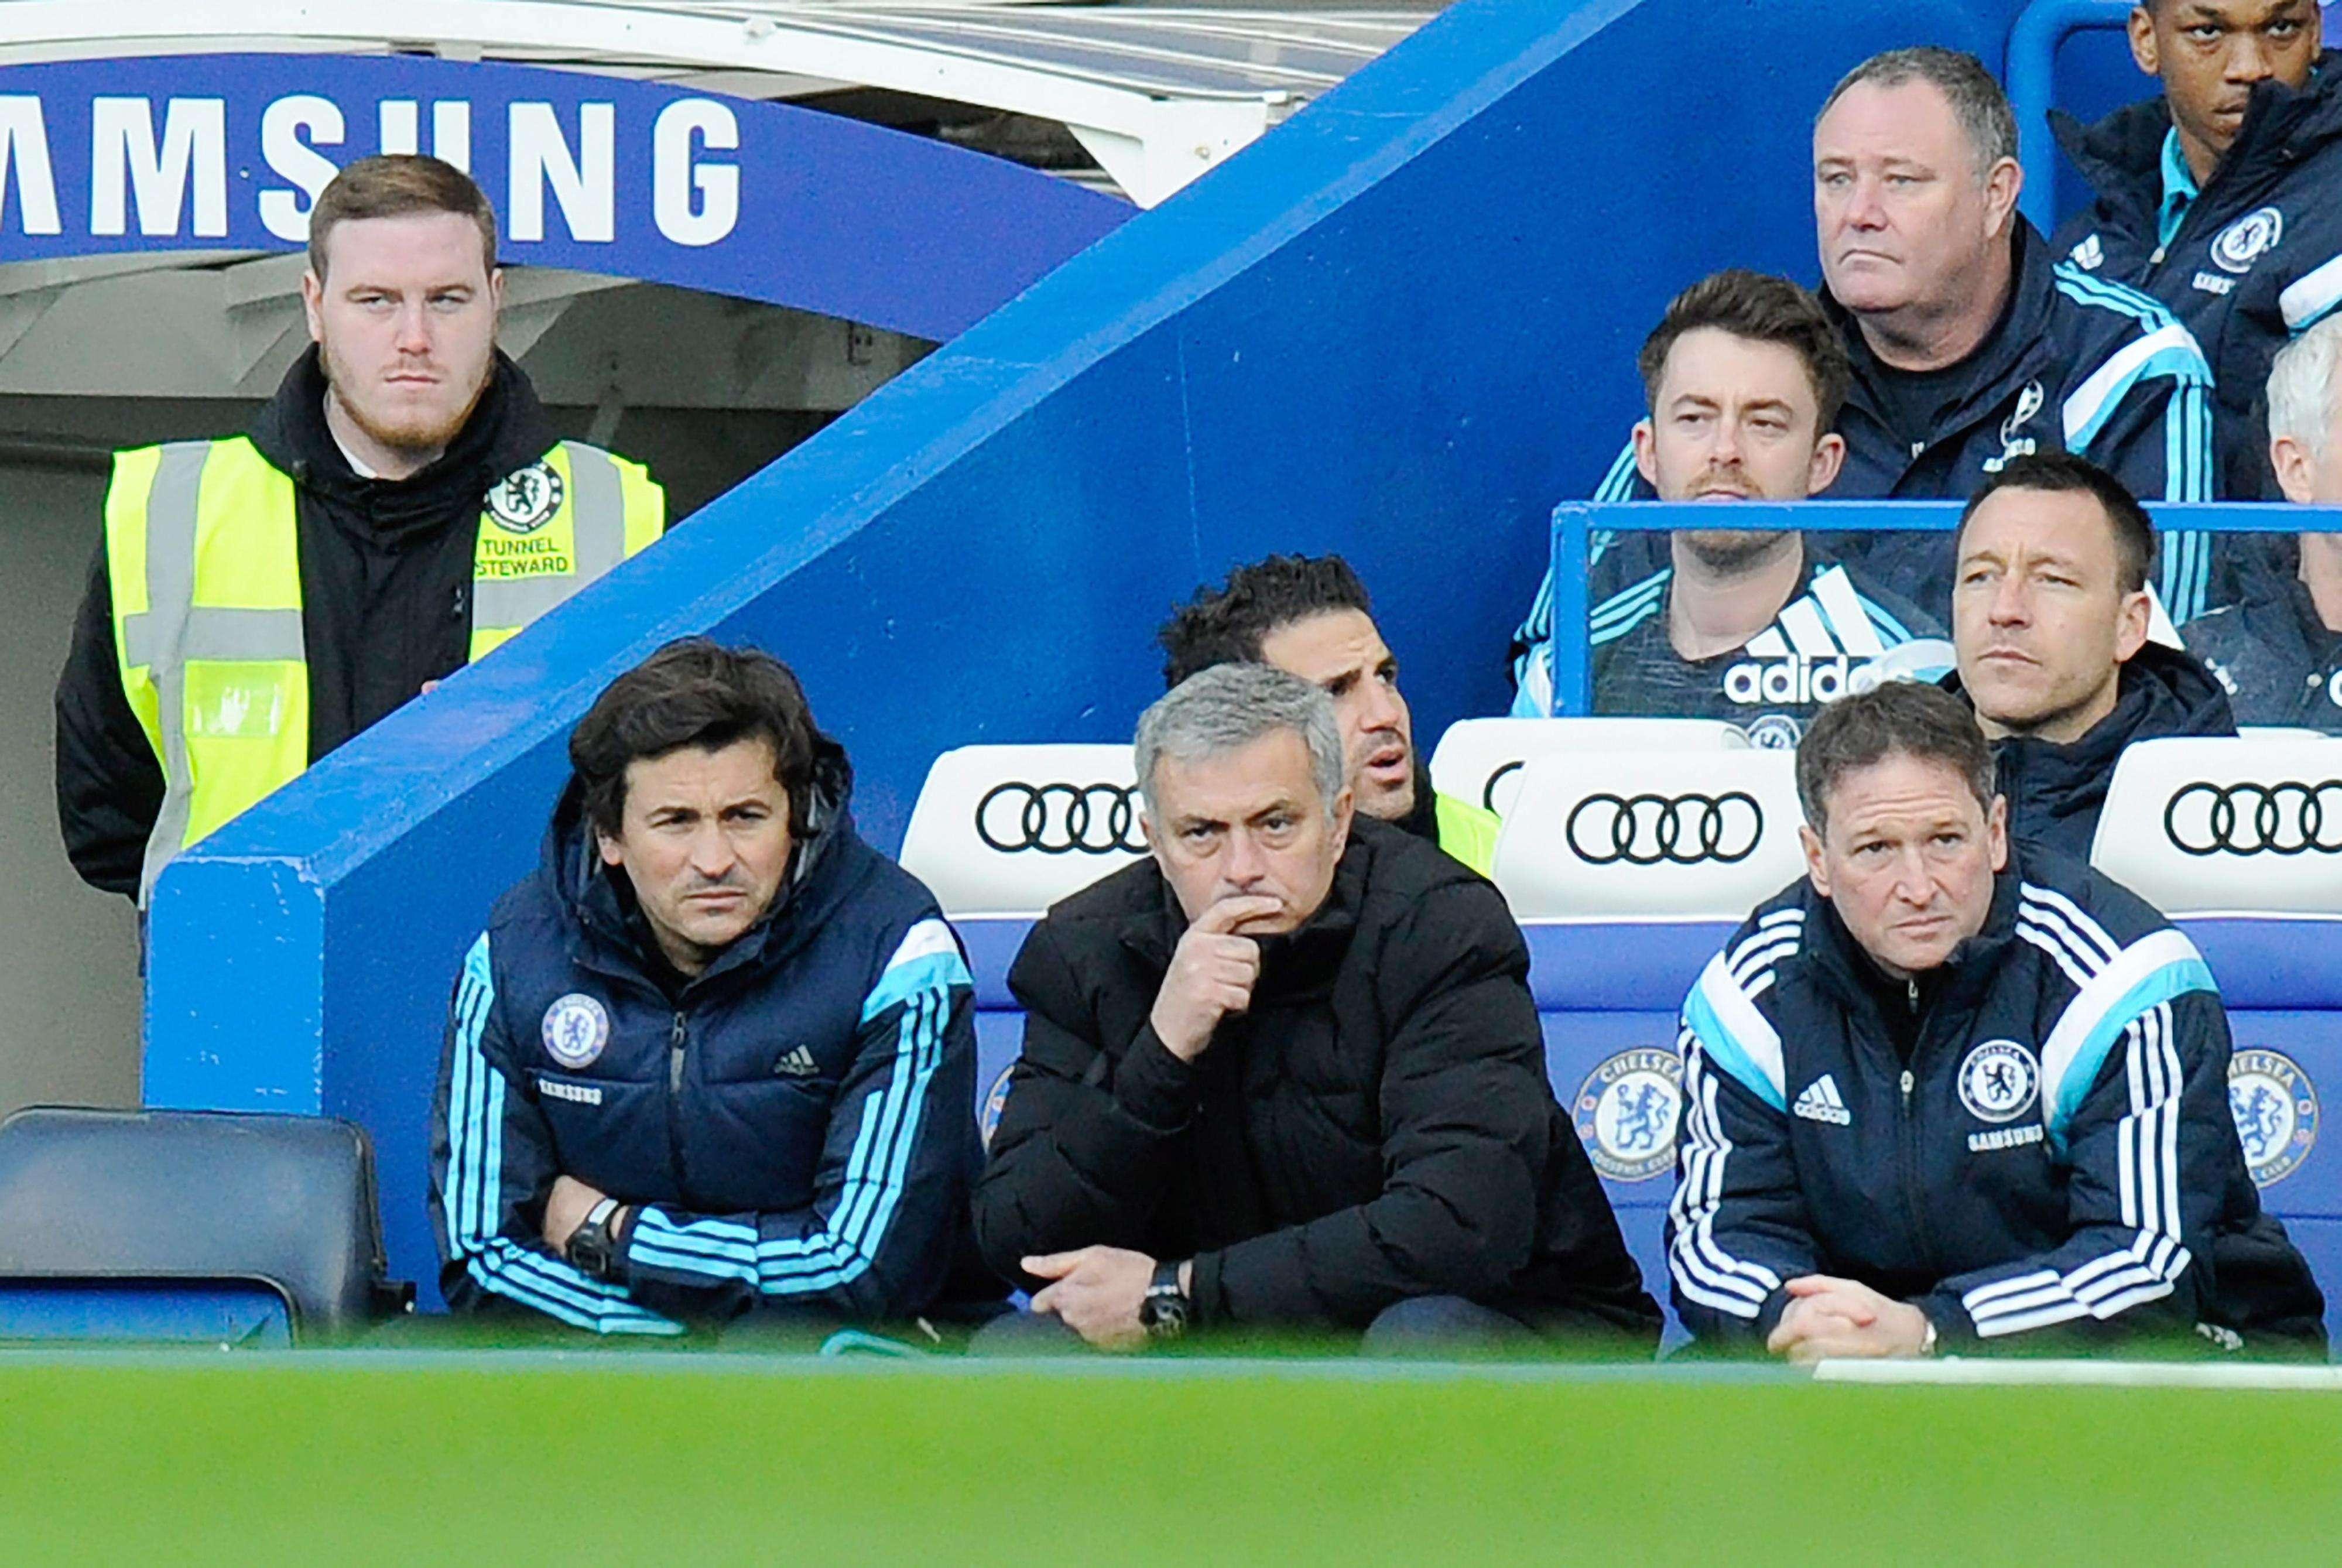 Mourinho, durante el partido de la FA Cup que enfrentaba al Chelsea contra el Bradford y que perdió su equipo por 2-4. Foto: EFE en español